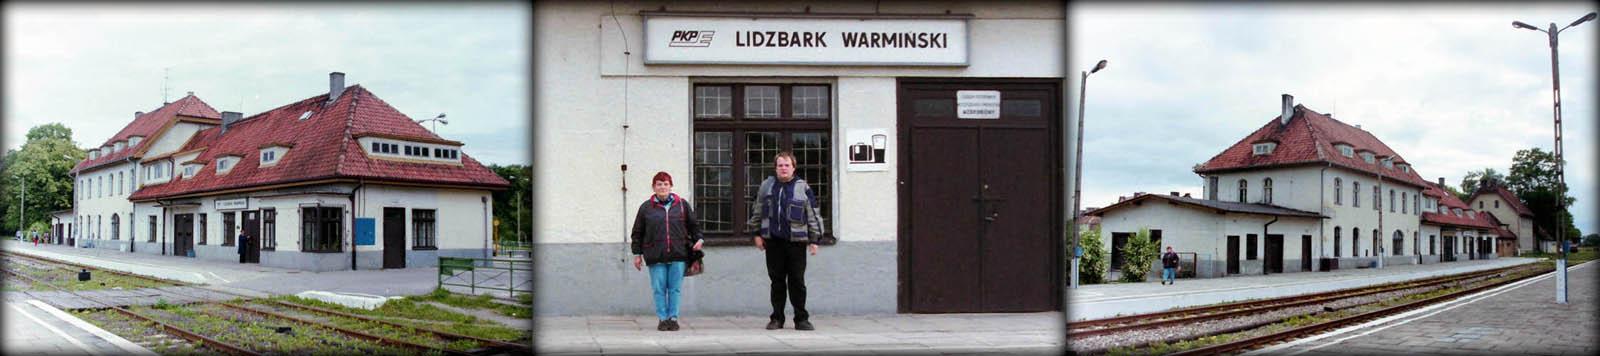 10-11_baner_lidzbark